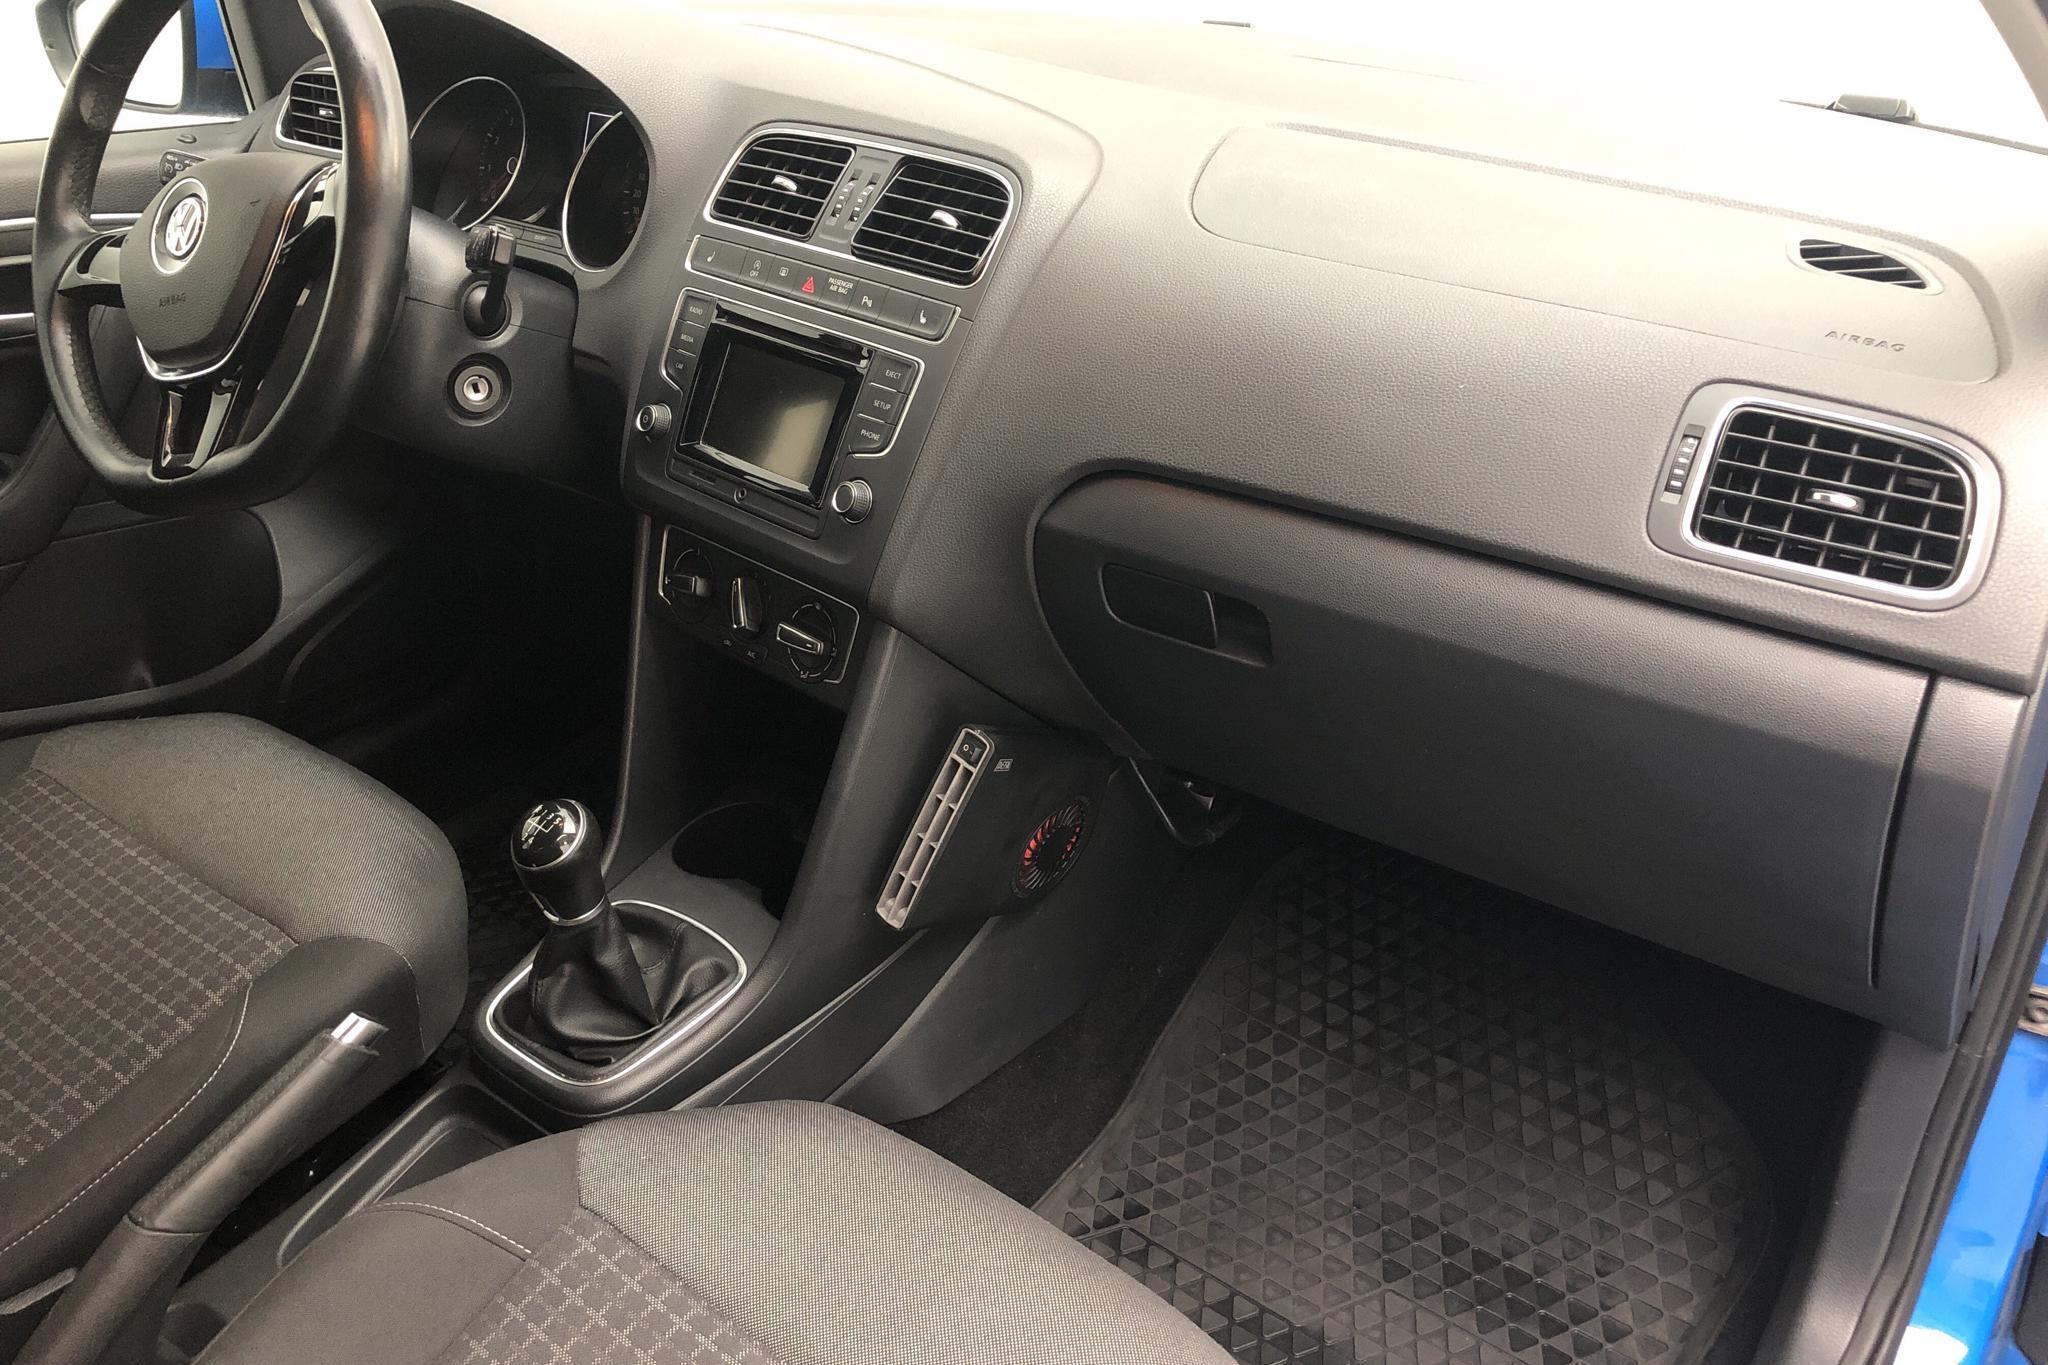 VW Polo 1.2 TSI 5dr (90hk) - 57 300 km - Manual - blue - 2016